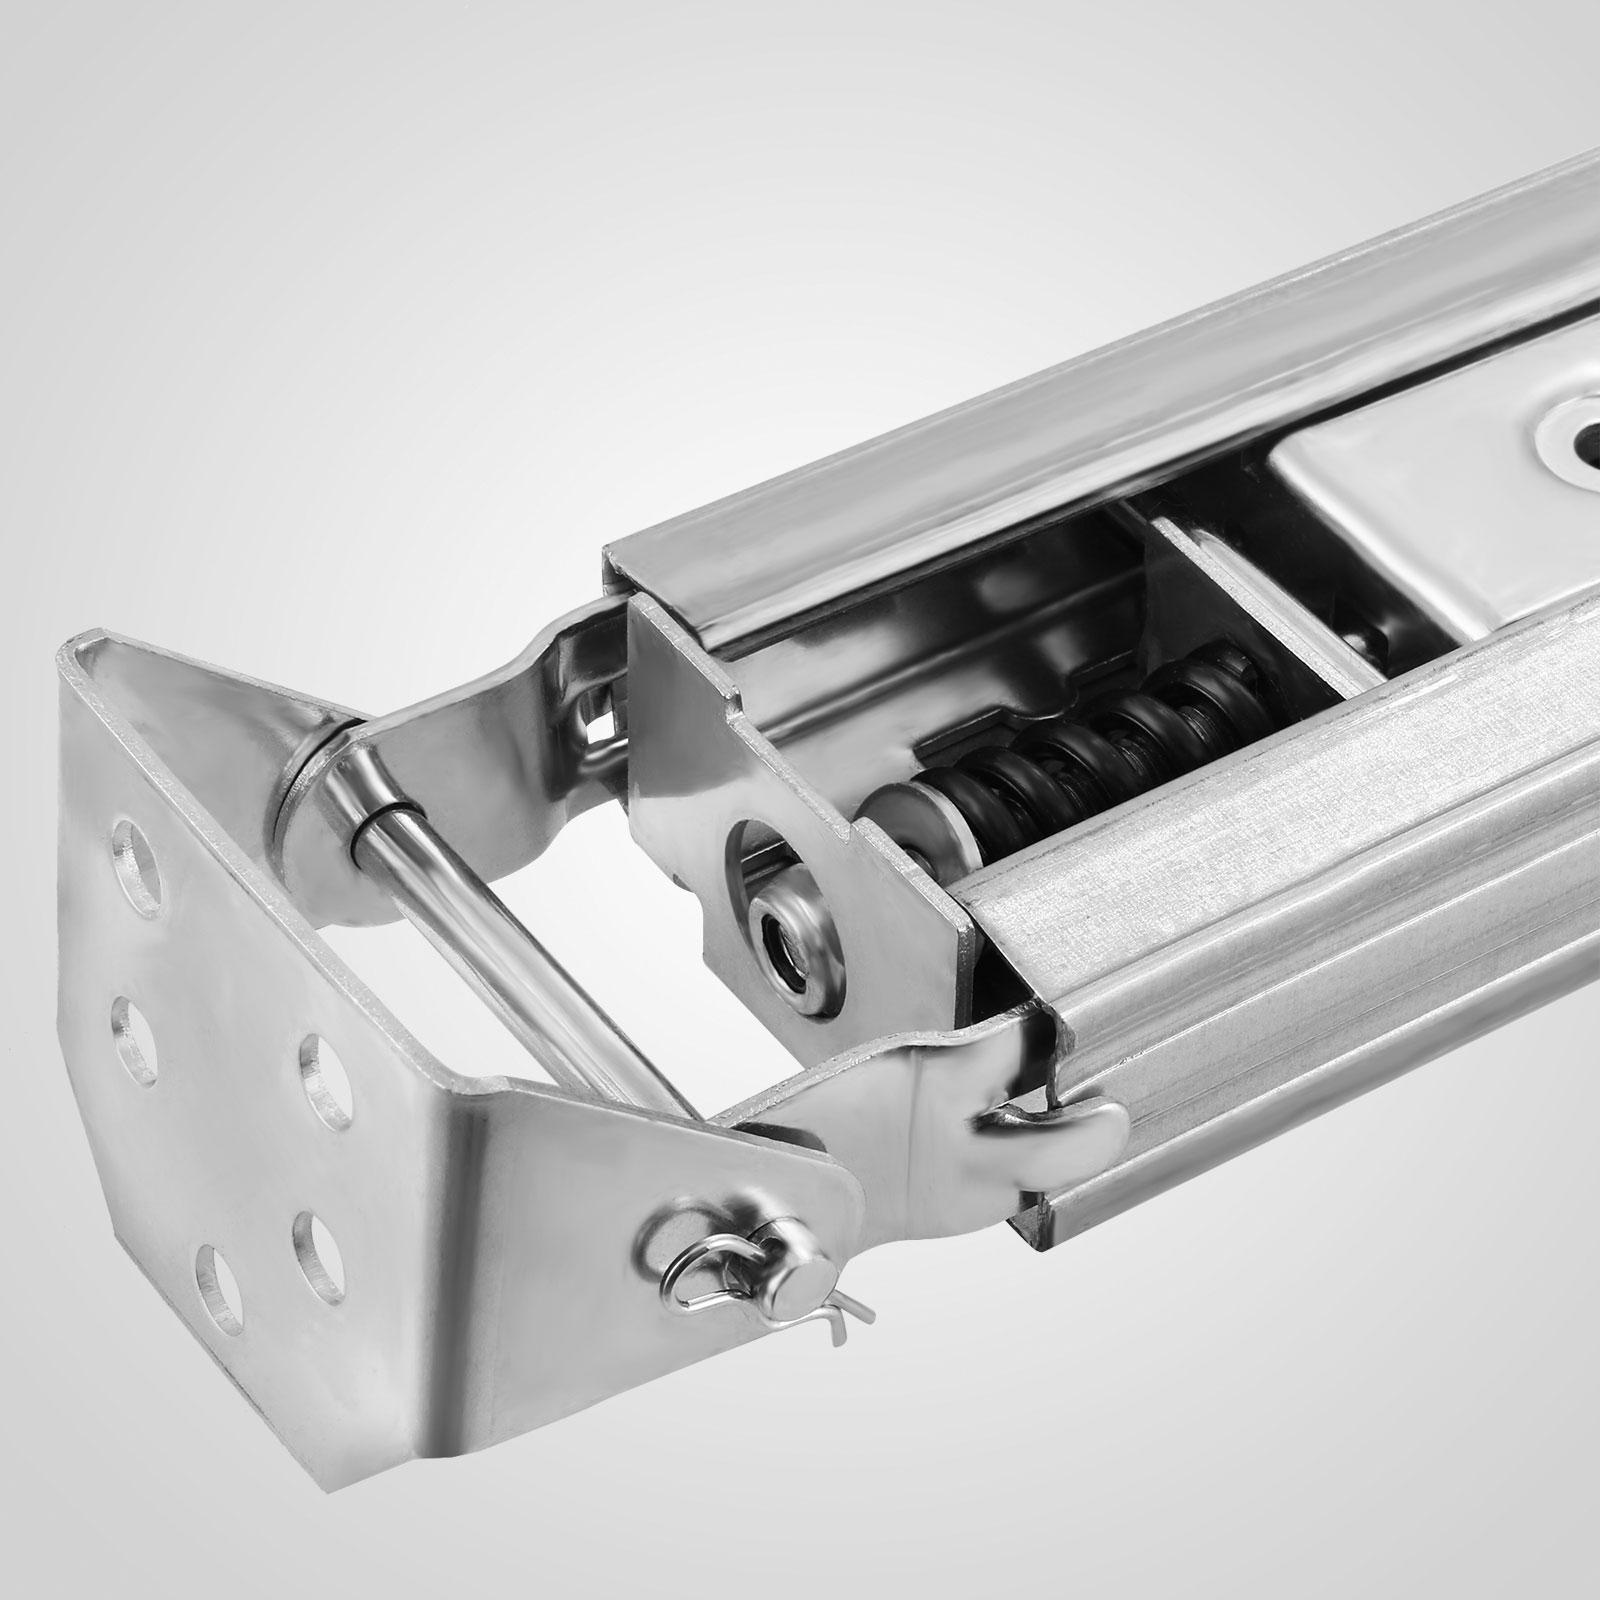 Automatic garage door opener motor electric retractable for Garage door opener dc motor